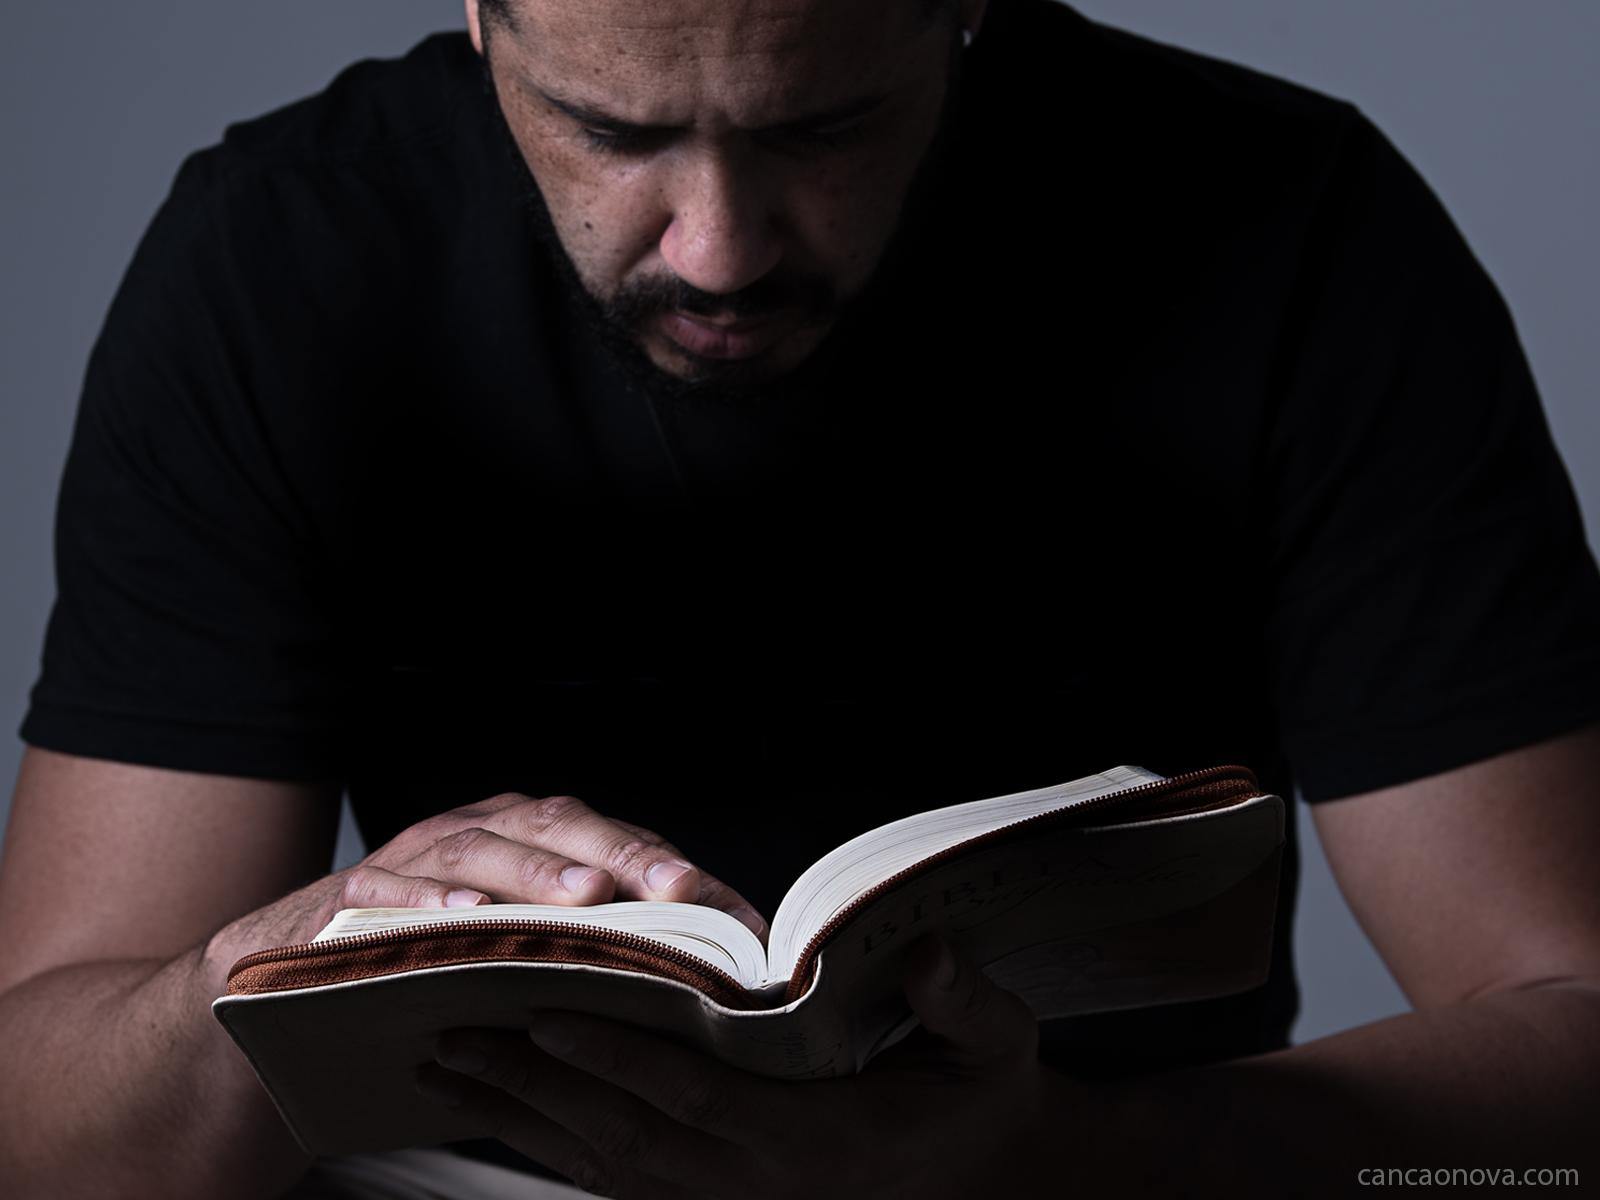 Aprenda a confiar no que Deus diz em oração e nos seus ensinamentos